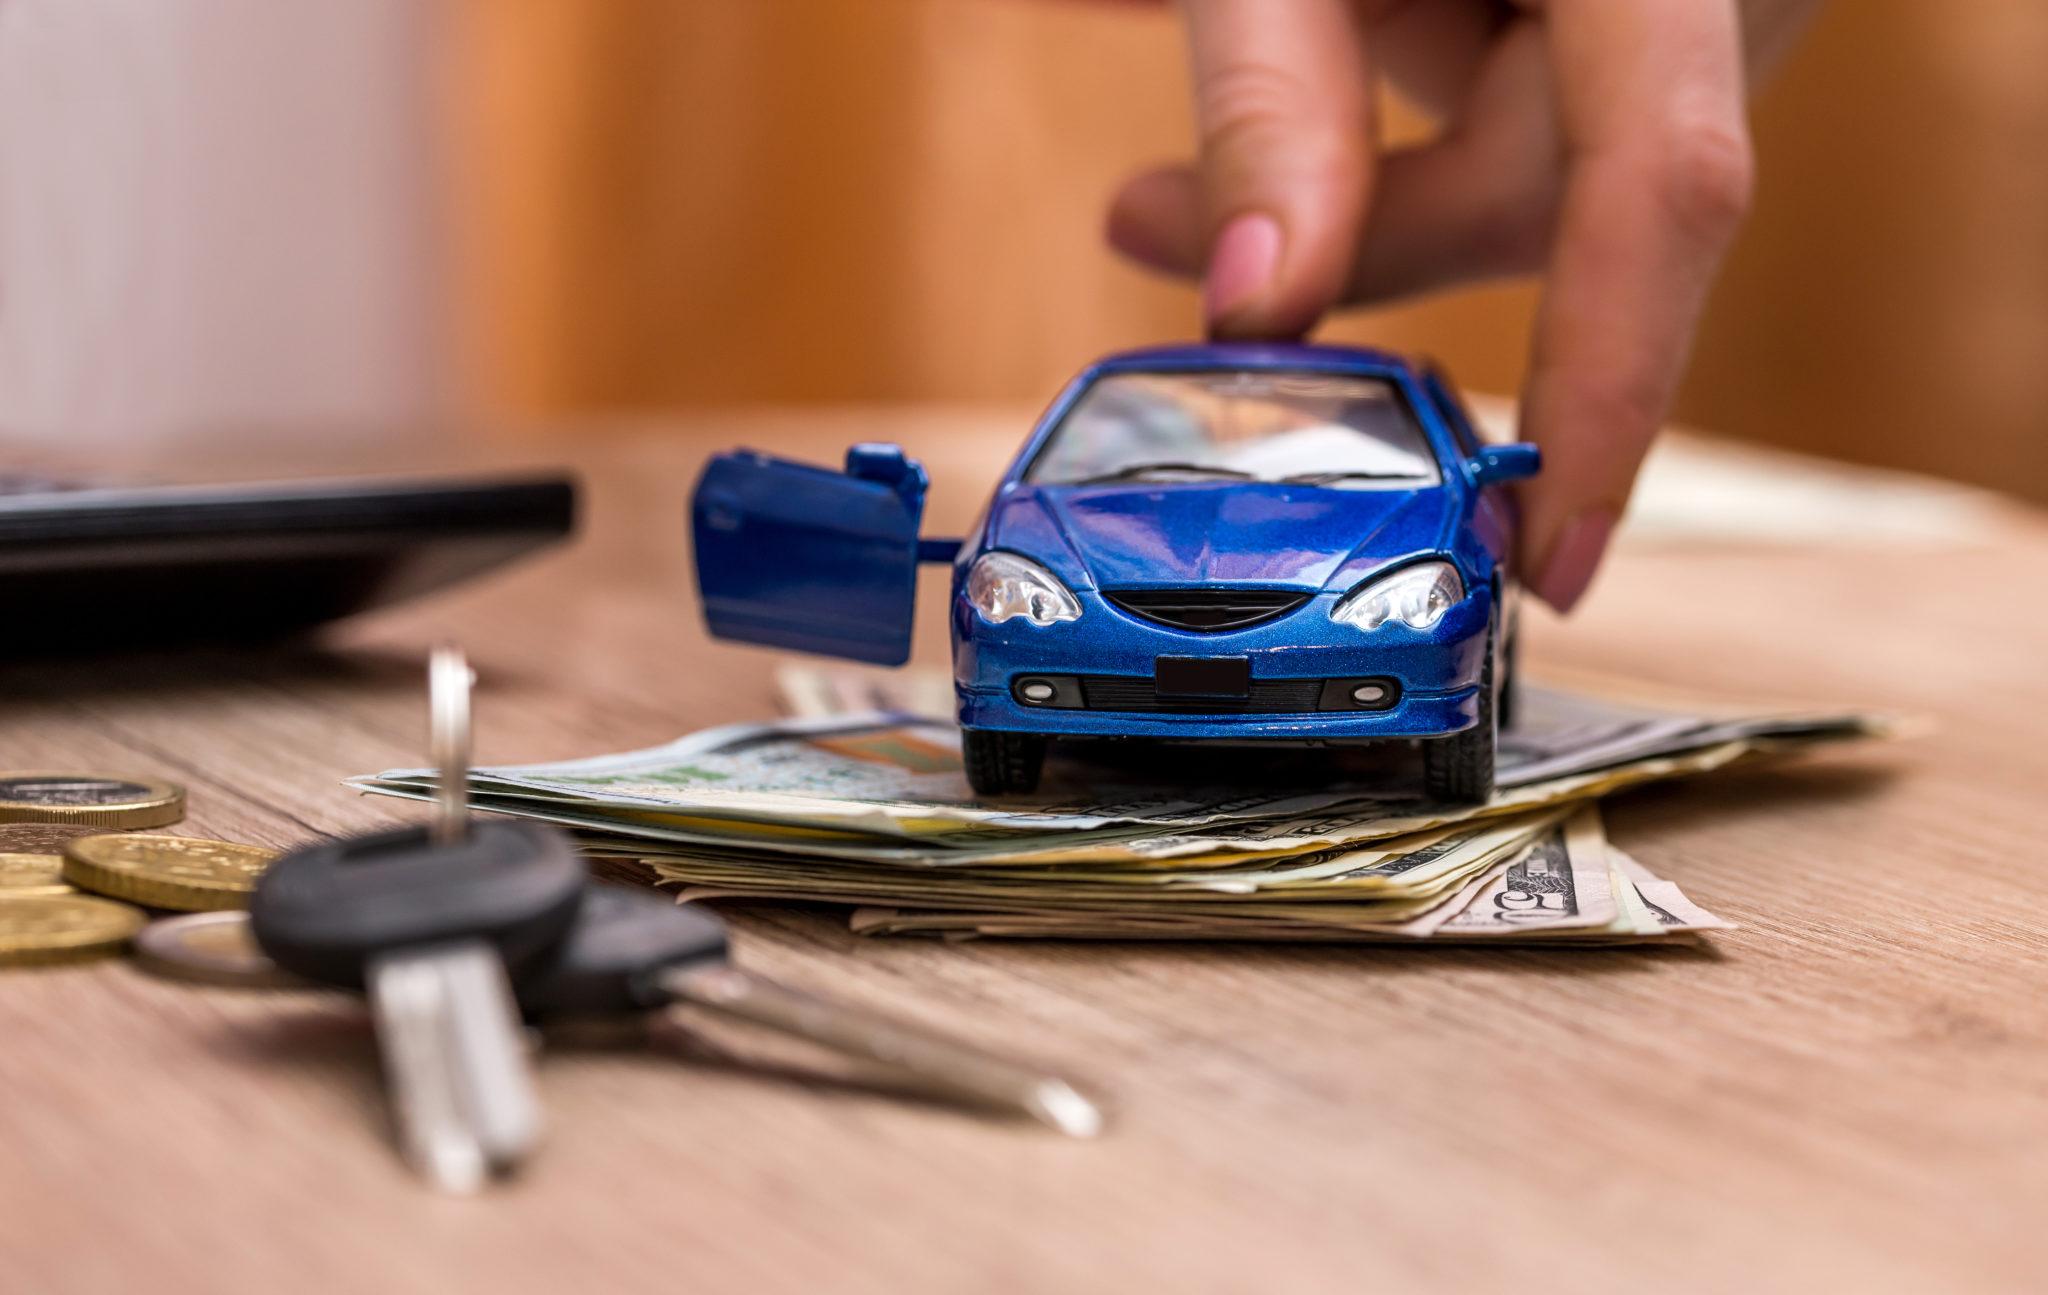 взять займ под залог автомобиля онлайн